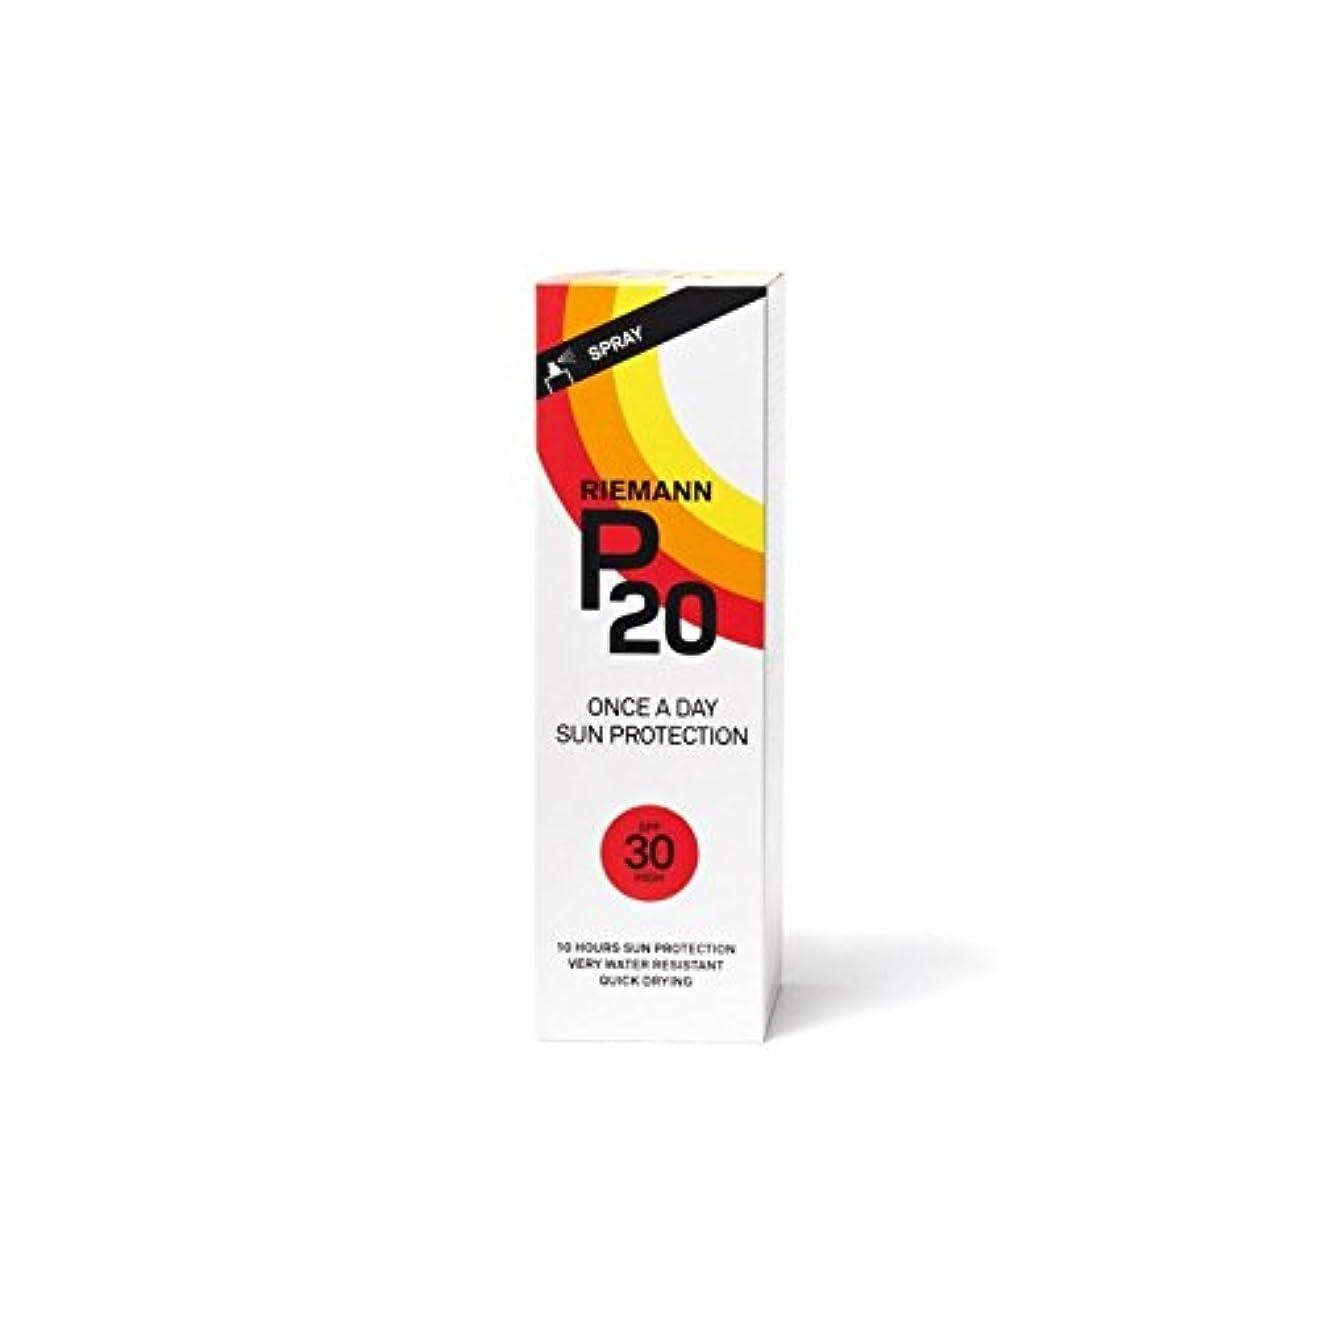 淡いポーター免疫するリーマン20のサンフィルター100ミリリットル30 x2 - Riemann P20 Sun Filter 100ml SPF30 (Pack of 2) [並行輸入品]